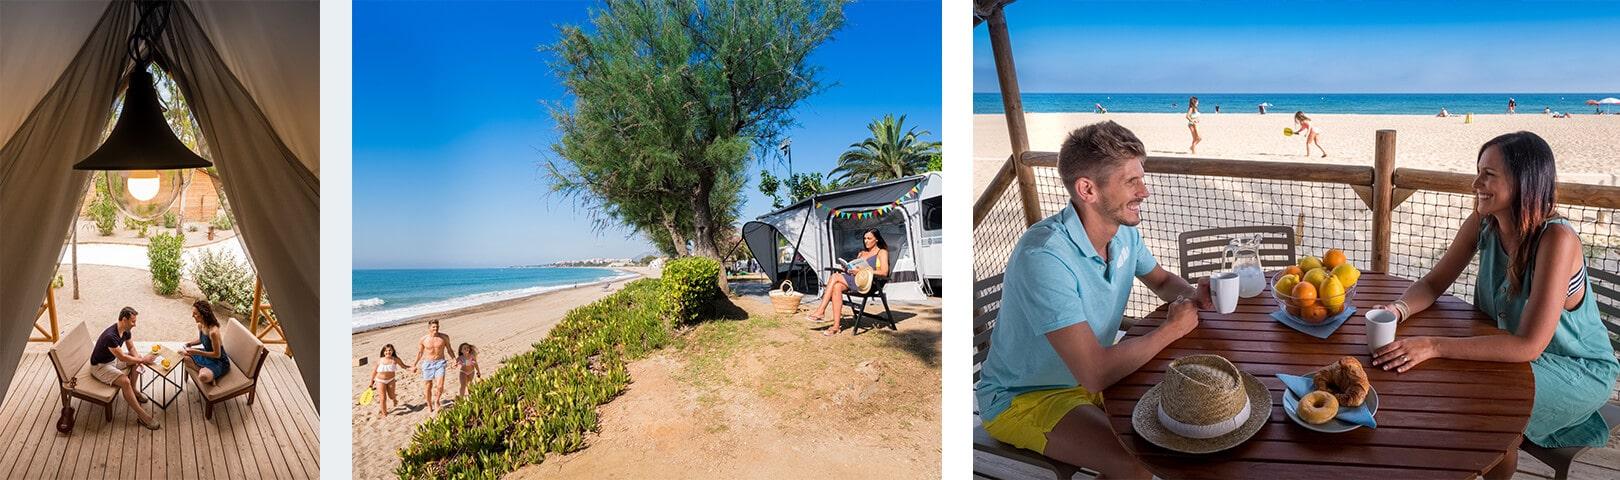 Fotografía corporativa para Campings Tarragona